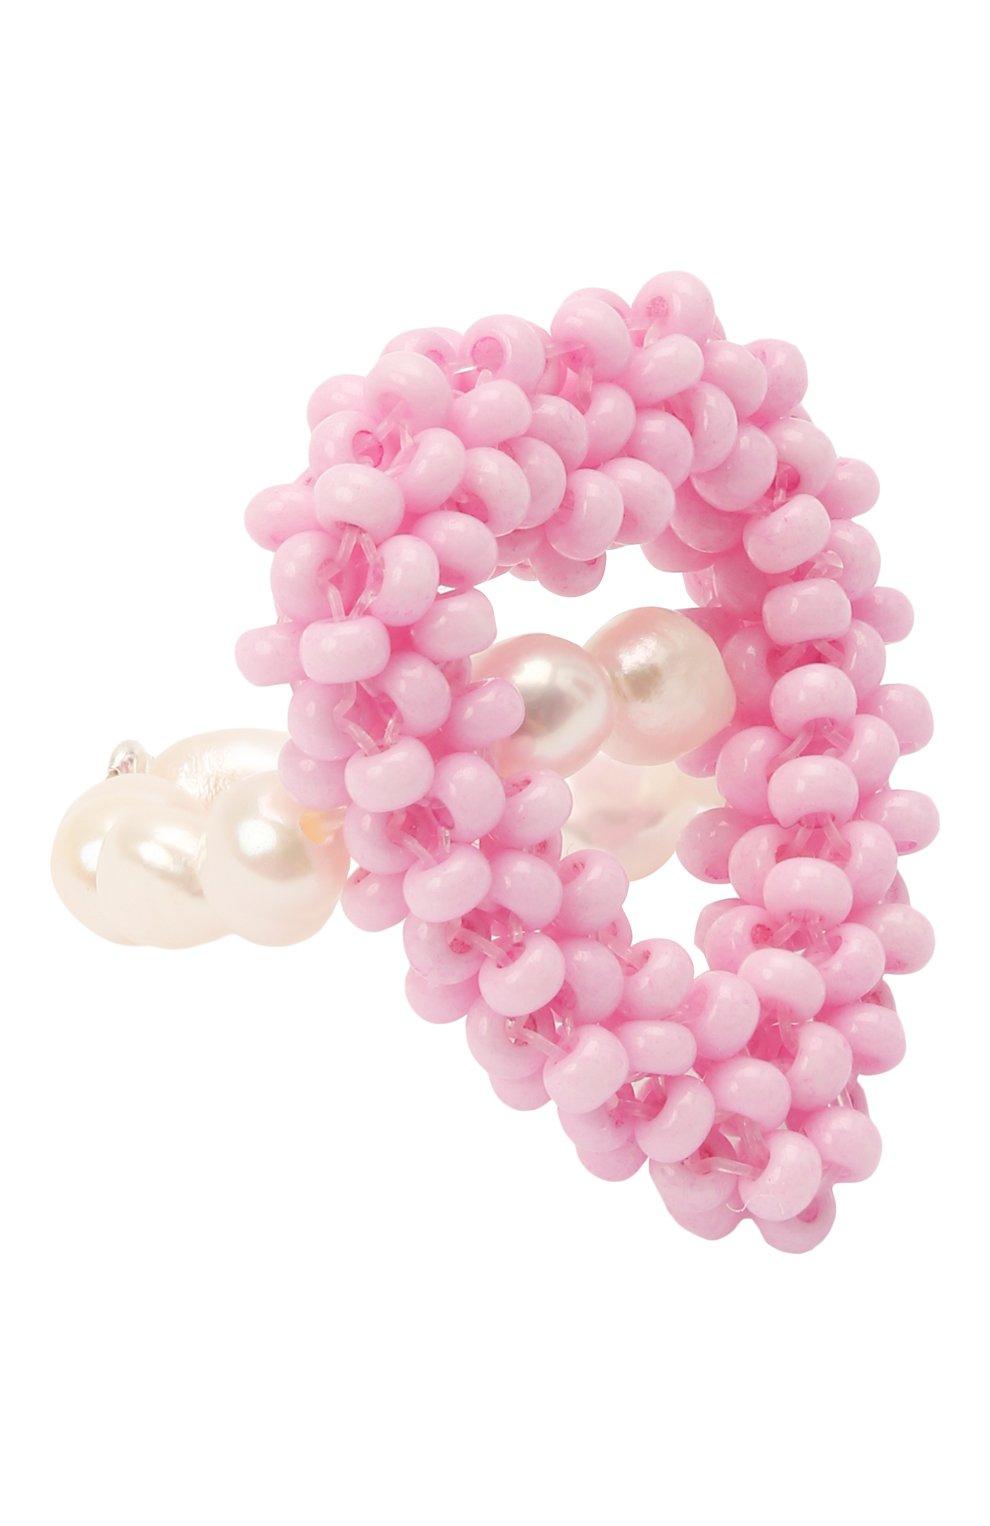 Женское кольцо розовое сердце HIAYNDERFYT розового цвета, арт. 1-1PEMPTYHT   Фото 1 (Материал: Стекло, Пластик)